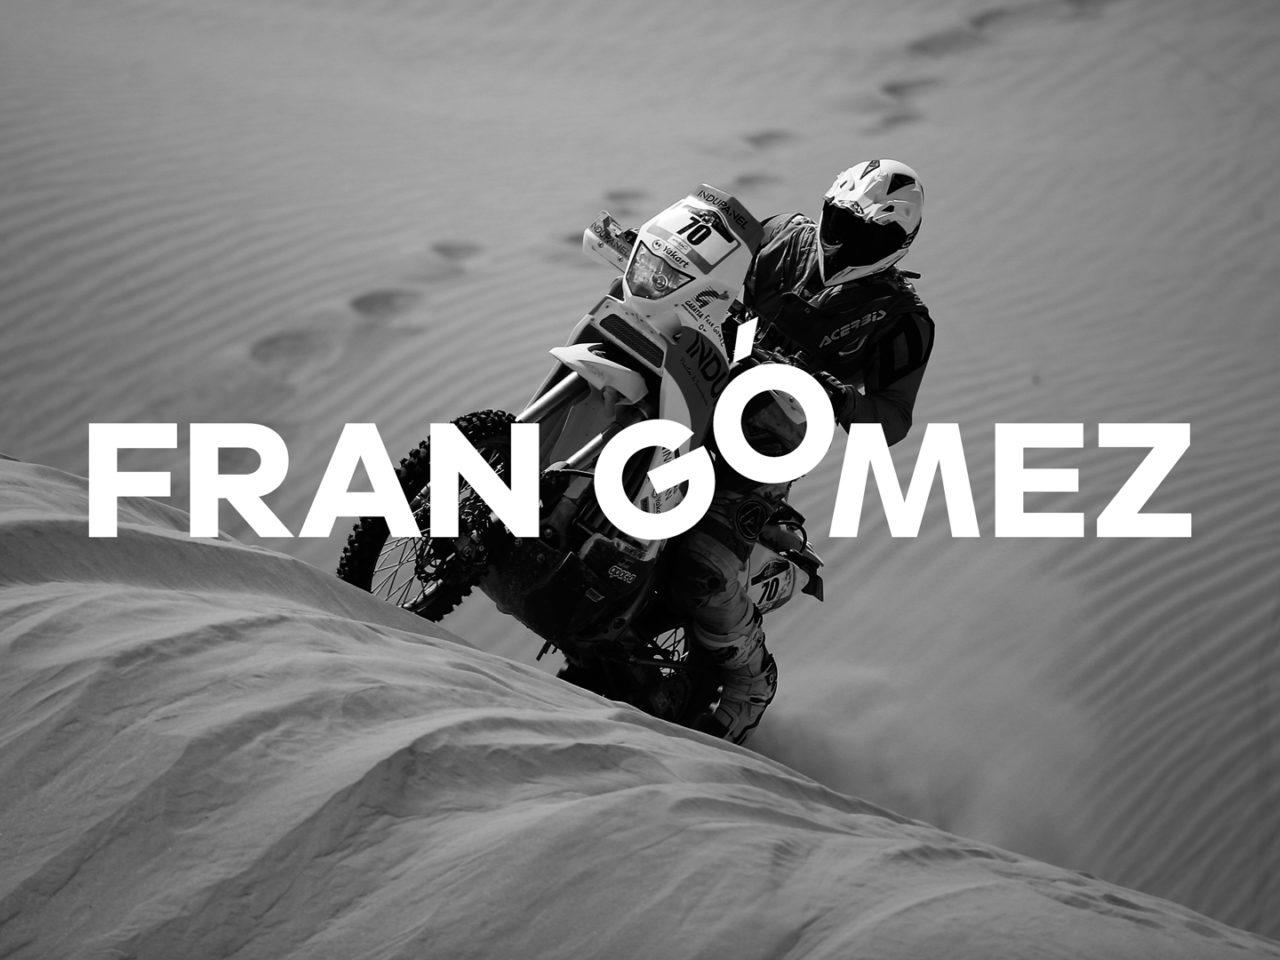 Identidade corporativa Fran Gómez 1